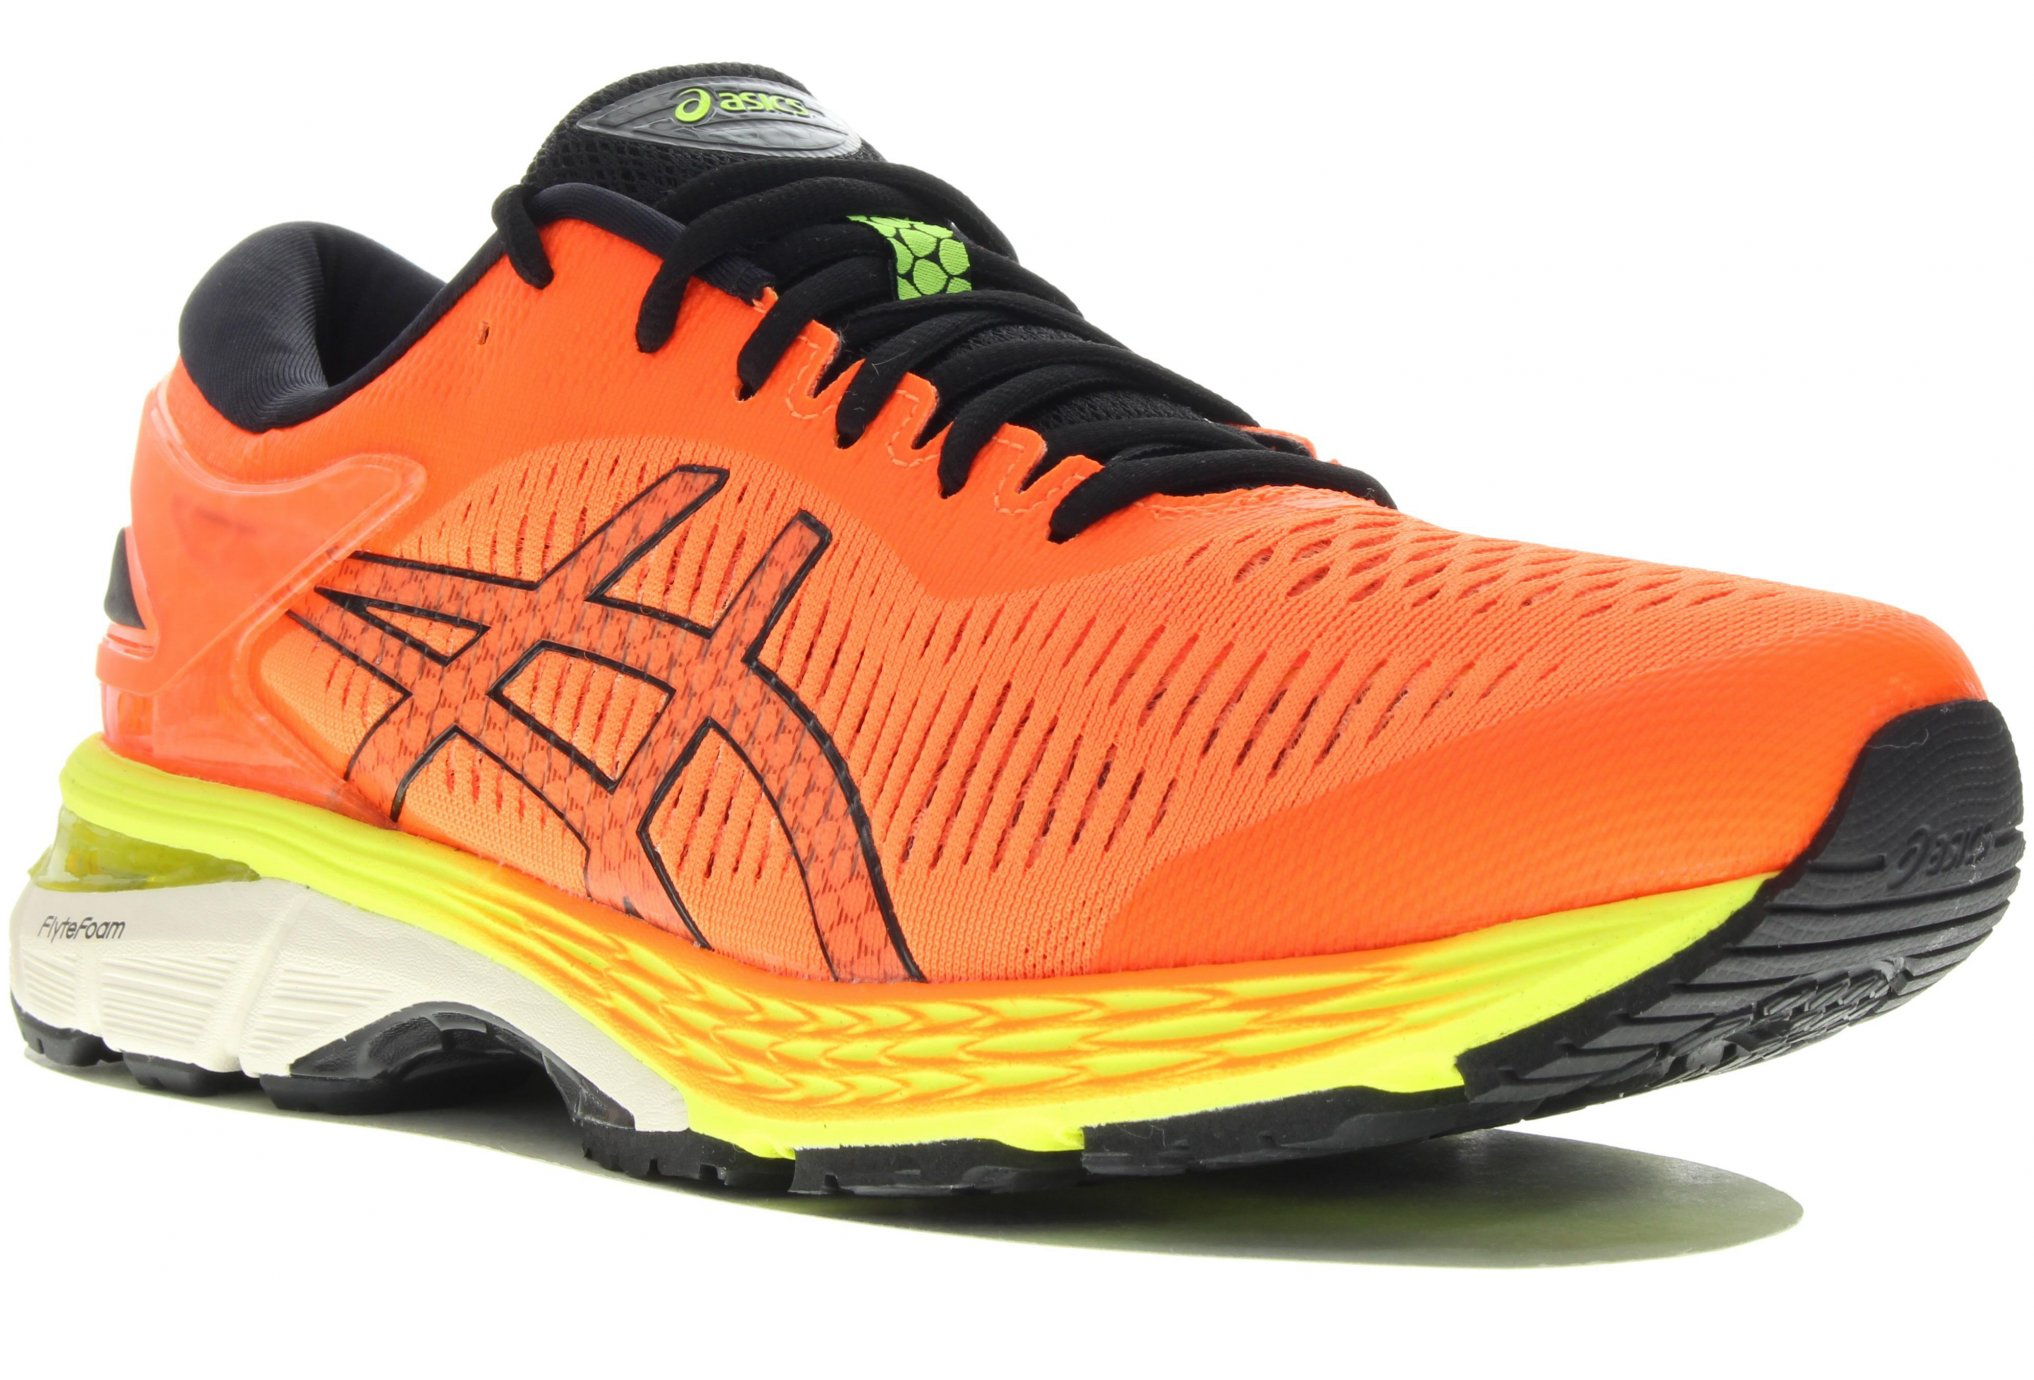 Asics Gel Kayano 25 M Diététique Chaussures homme